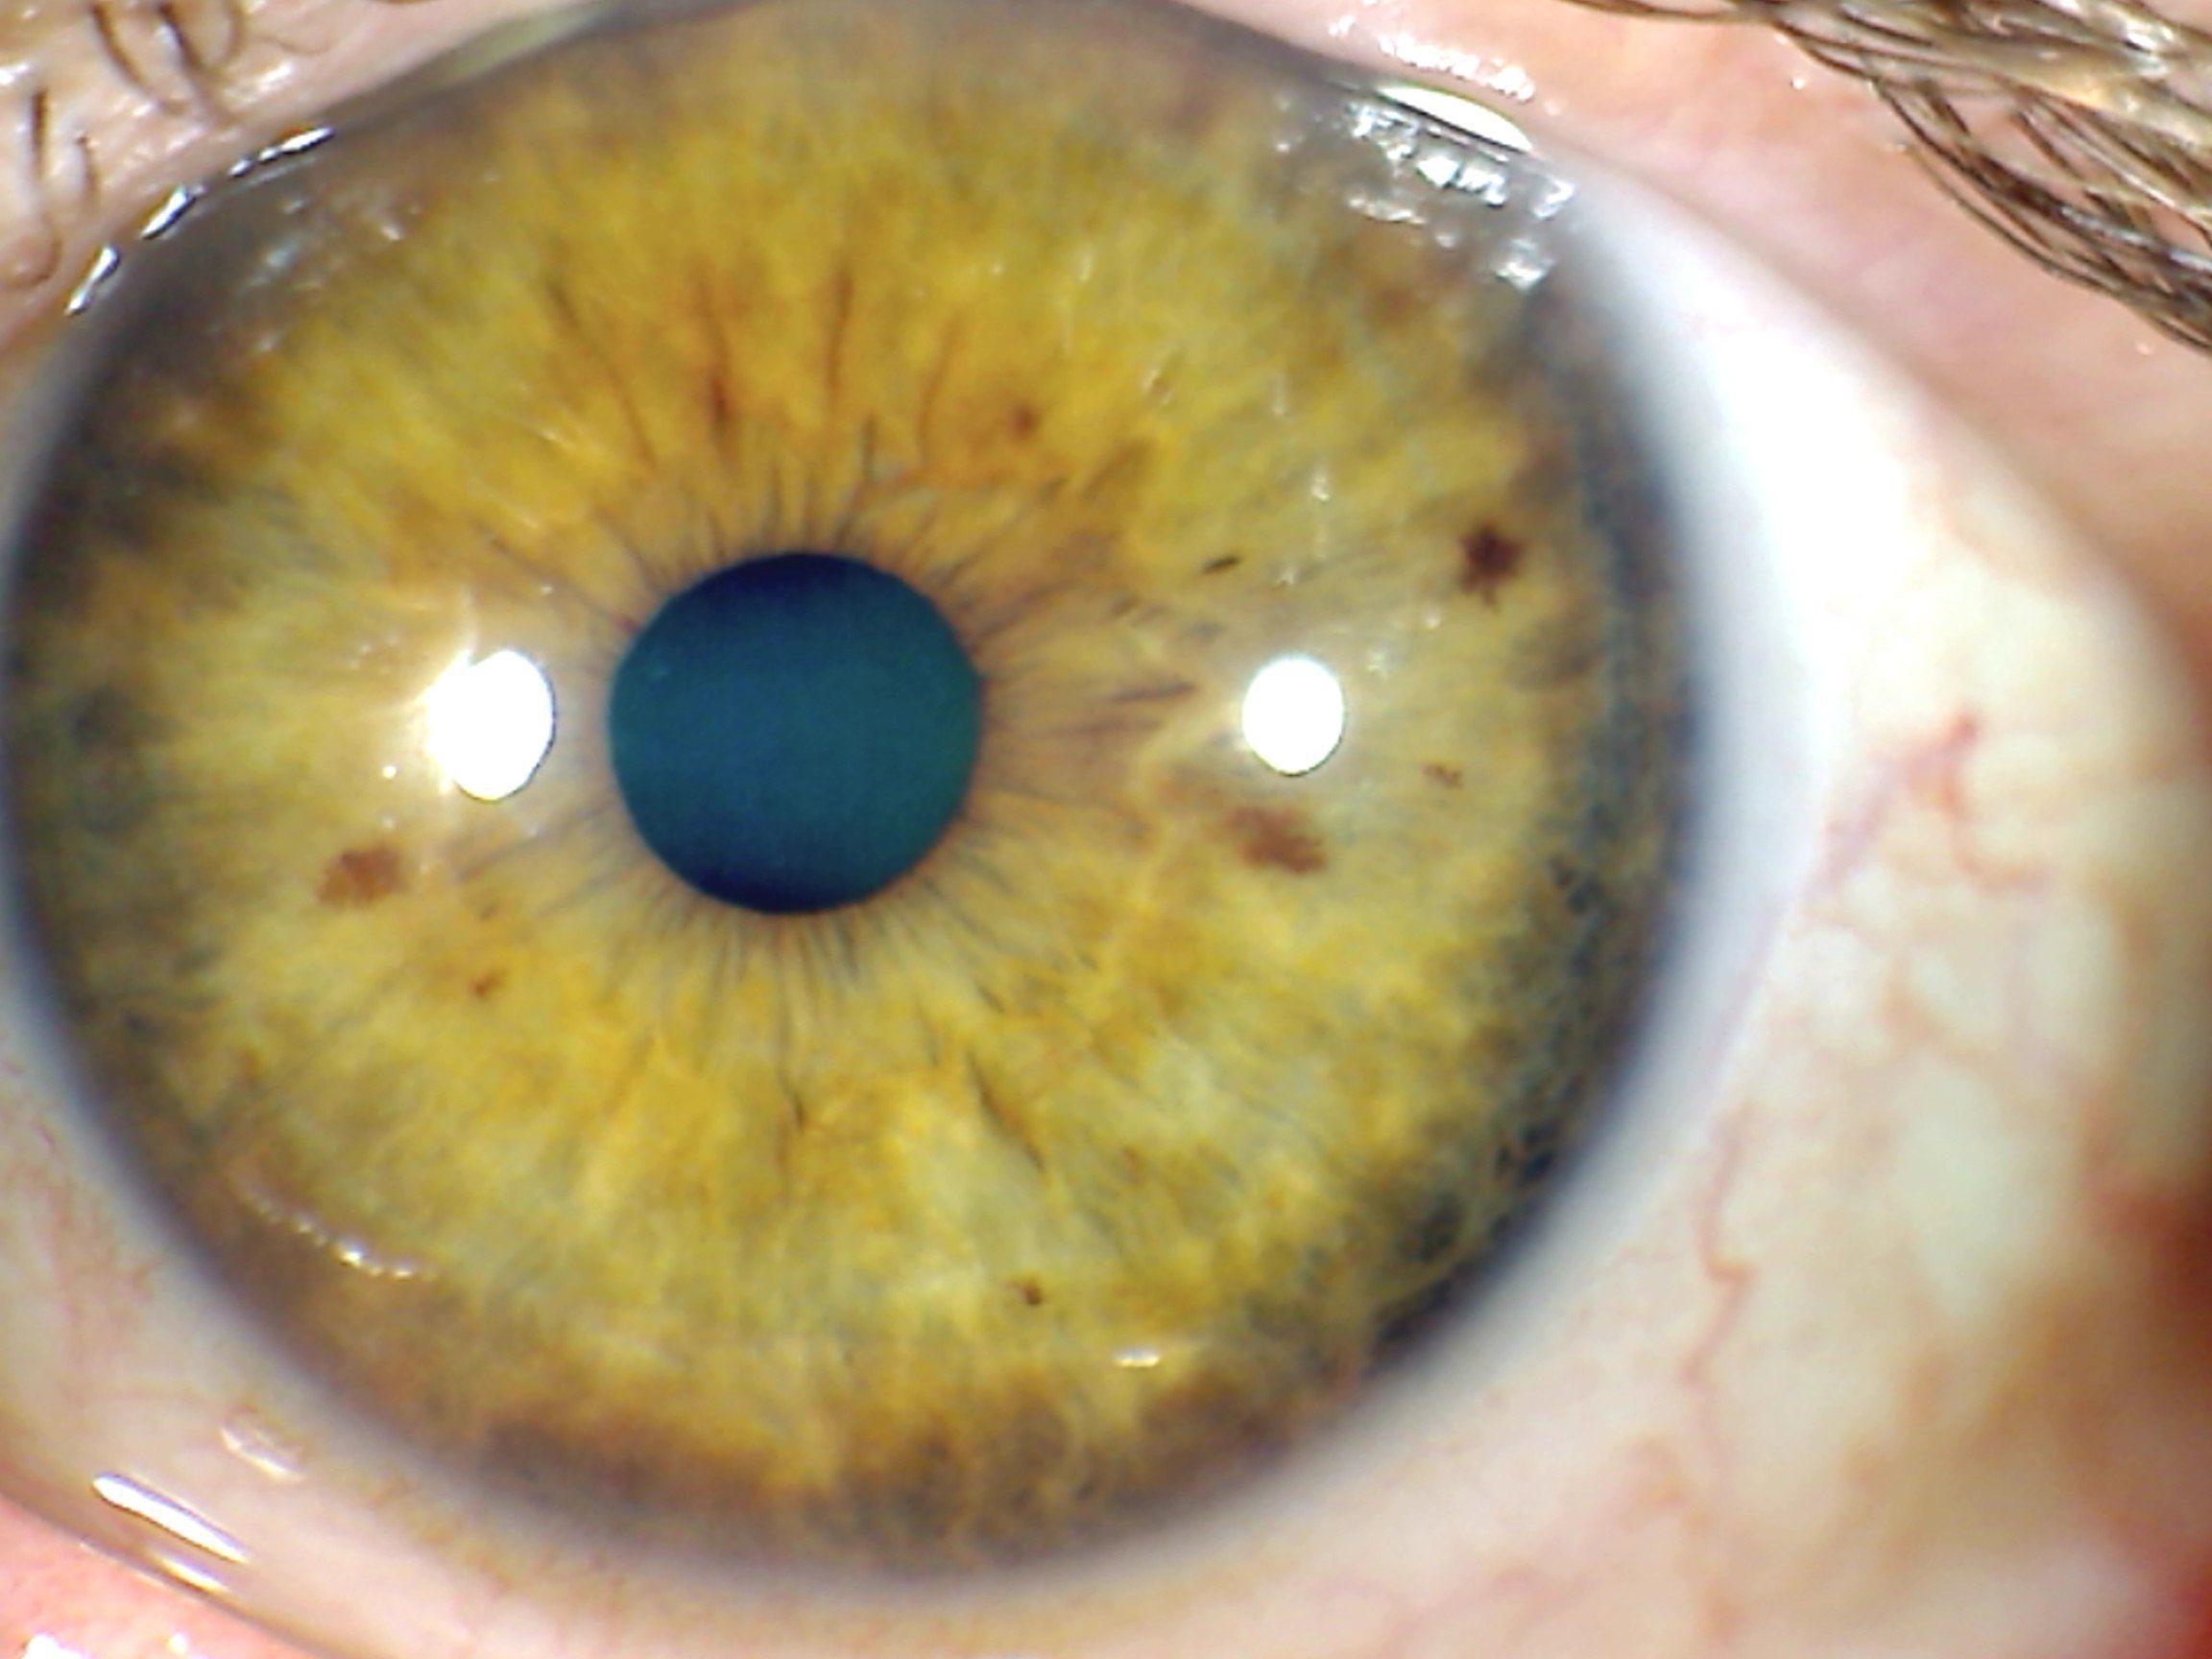 Acidos en el iris - Iridología